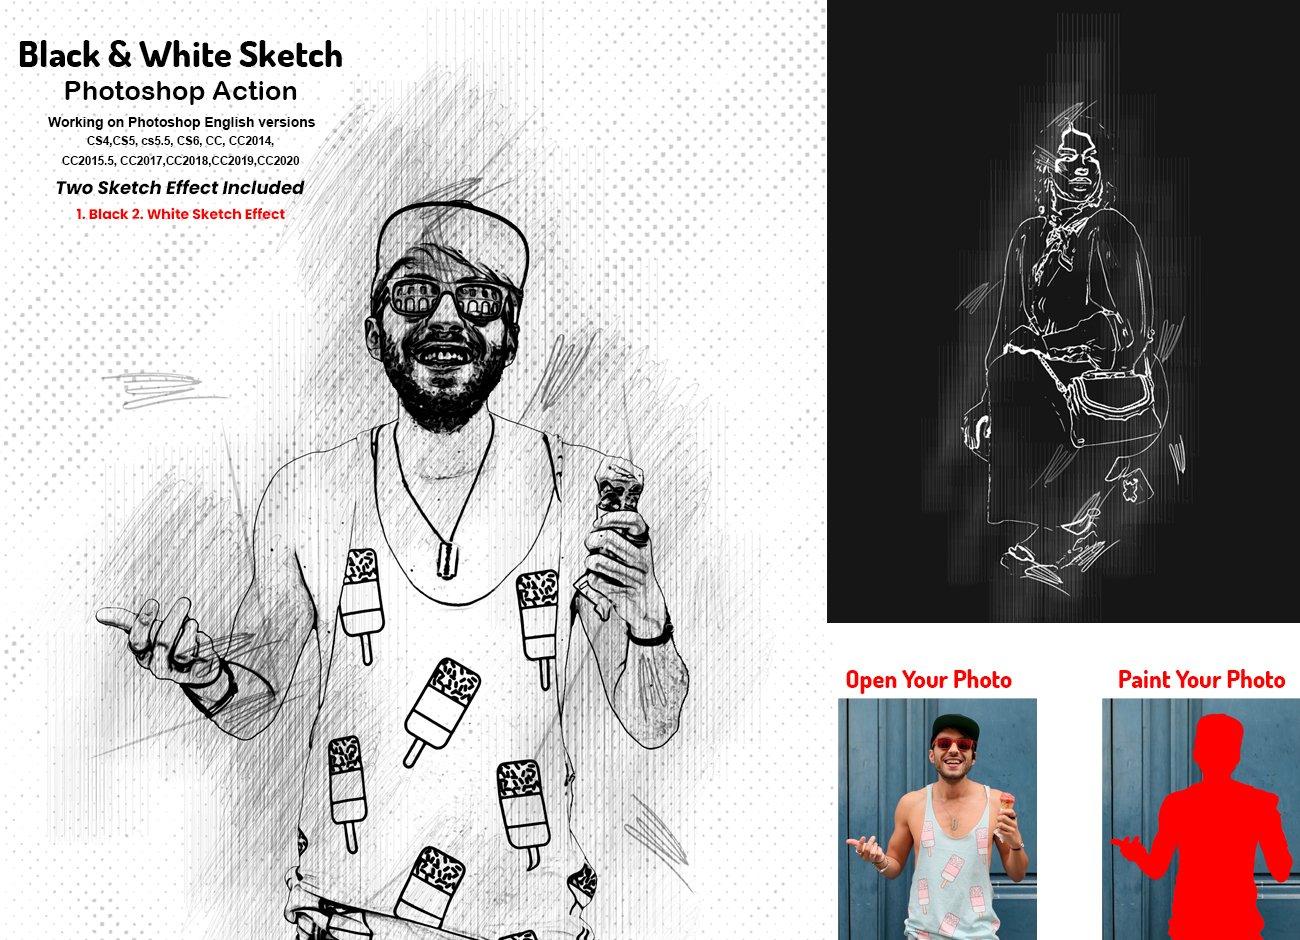 黑白素描艺术画效果照片处理特效PS动作素材 Black & White Sketch PS Action插图